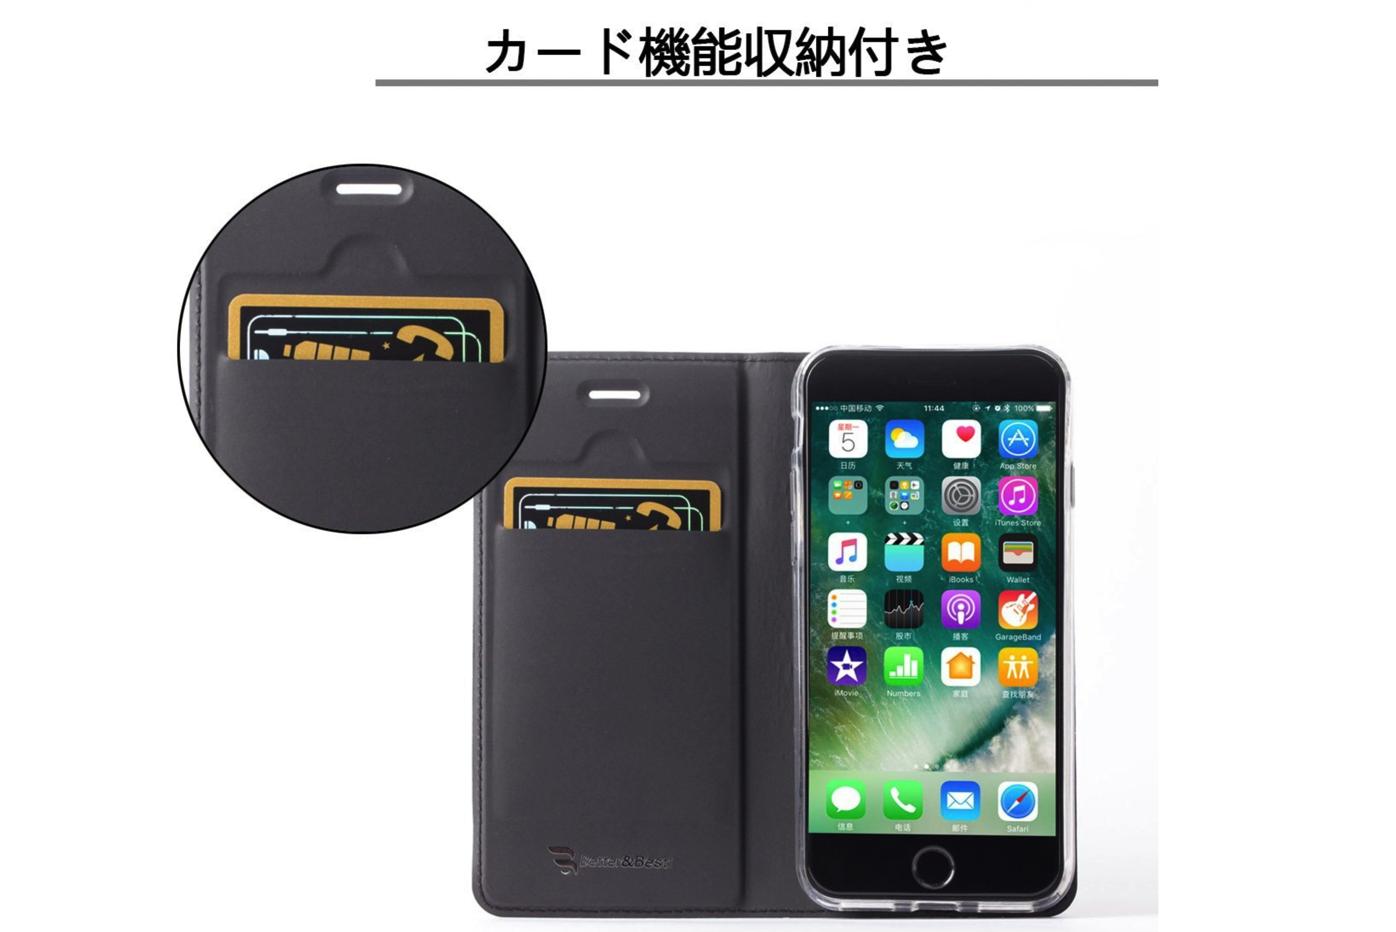 B&B iPhone6 ケース-3